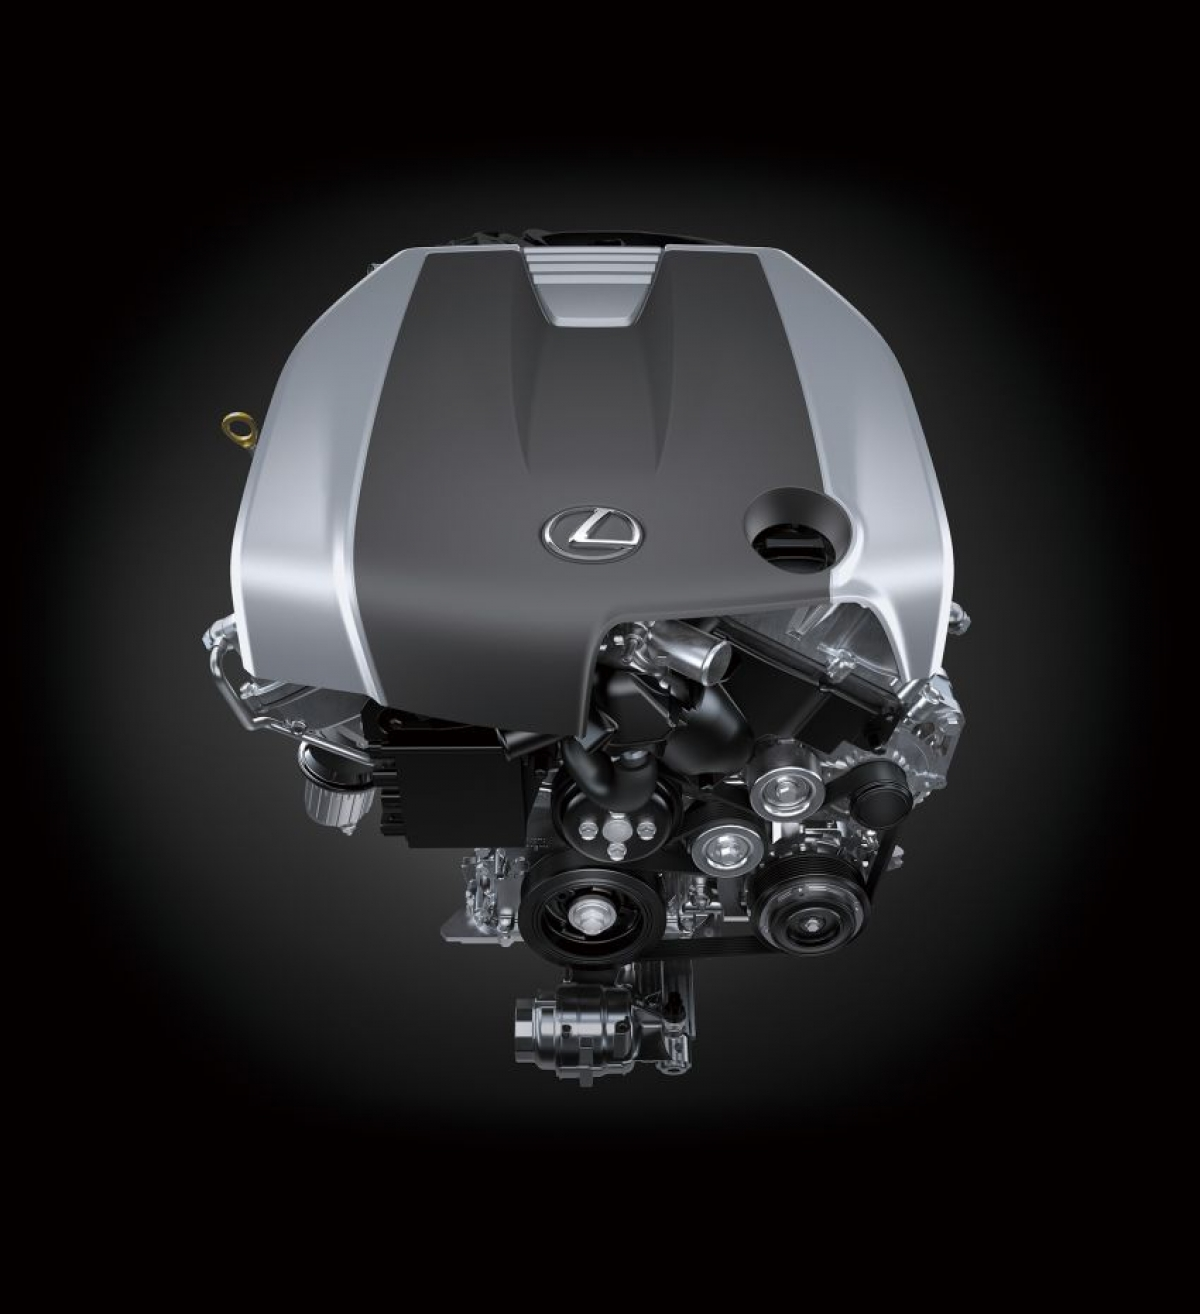 Động cơ xe vẫn được giữ nguyên khi mà xe sẽ được trang bị động cơ 4 xi lanh tăng áp 2.0 L 8AR-FTS sản sinh công suất 240 mã lực từ vòng quay 5.200 vòng/phút đến 5.800 vòng/phút và mô men xoắn 350 Nm từ 1.650 vòng/phút đến 4.400 vòng/phút. Ngoài ra, khách hàng cũng có thể lựa chọn động cơ mạnh hơn - V6 2GR-FSE 3.5 L hút khí tự nhiên trên bản IS 350 sản sinh công suất 311 mã lực tại vòng quay 6.600 vòng/phút và mô men xoắn 380 Nm tại vòng quay 4.800 vòng/phút. Tại thị trường Nhật Bản, cả 2 sẽ đều đi kèm với hộp số tự động 8 cấp và dẫn động cầu sau.